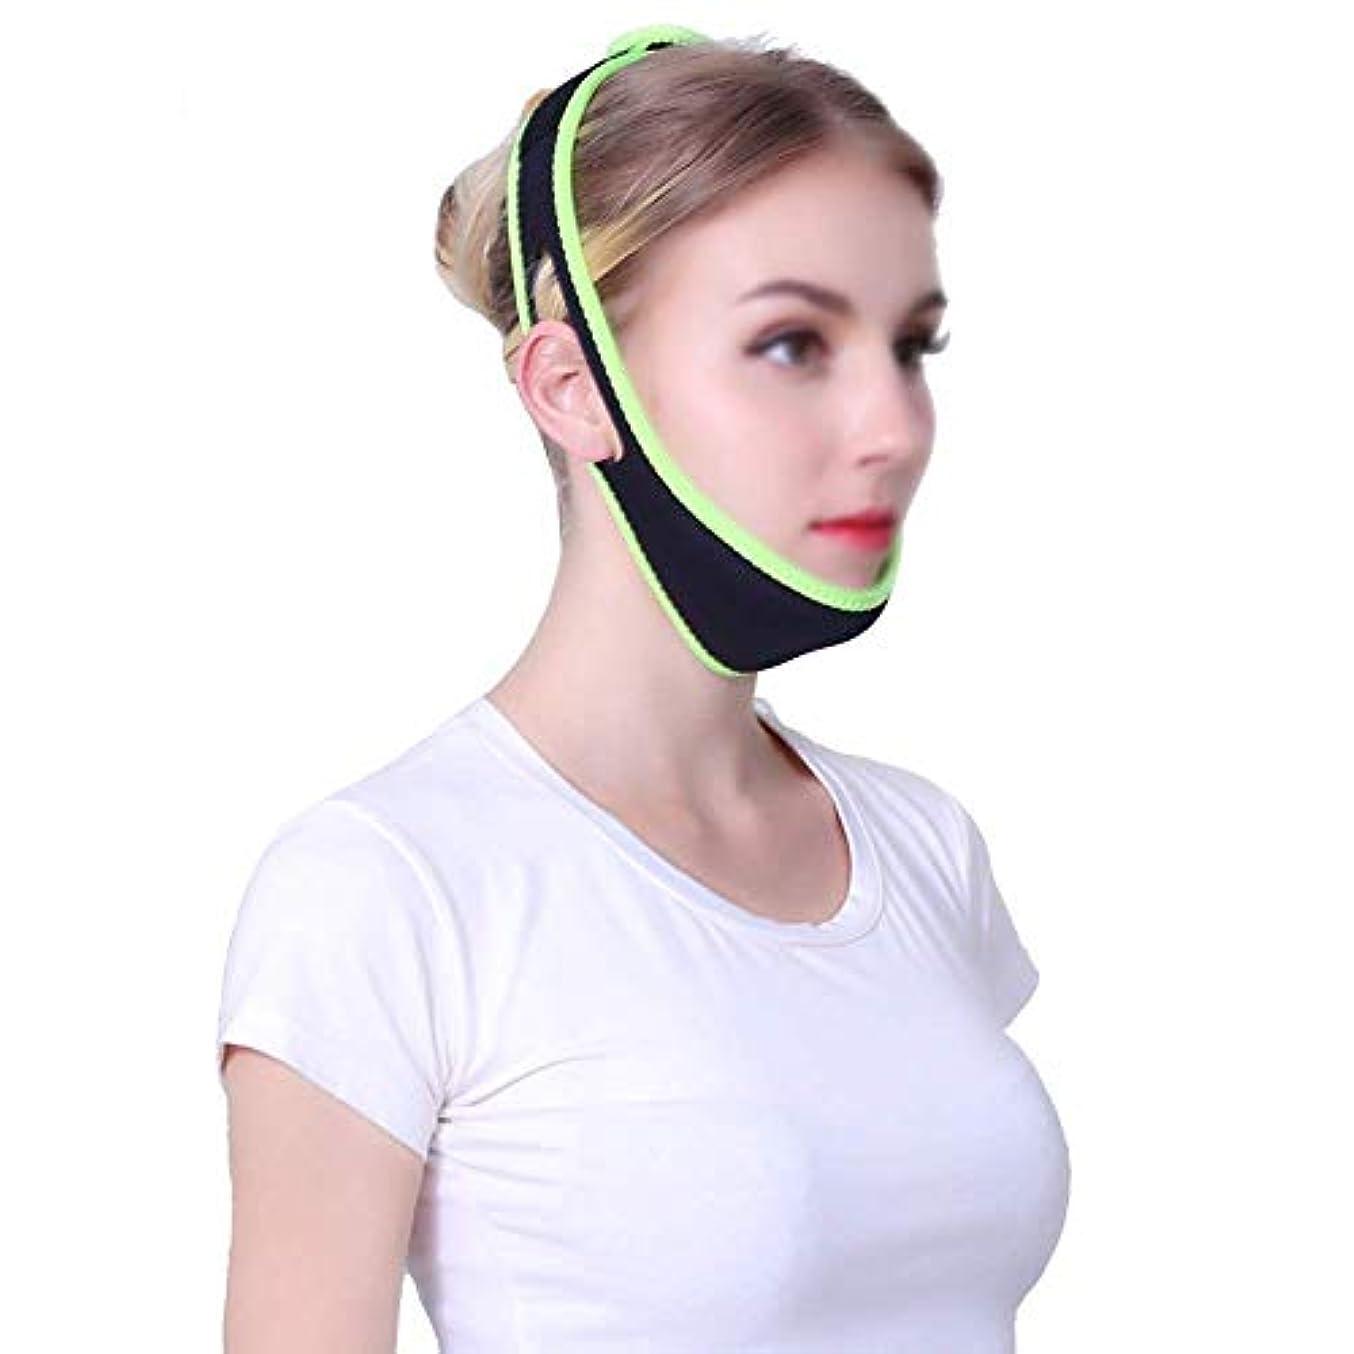 降ろすトリプルけがをする引き締めフェイスマスク、小さなVフェイスアーティファクト睡眠リフティングマスク付き薄型フェイスバンデージマスク引き締めクリームフェイスリフトフェイスメロンフェイス楽器